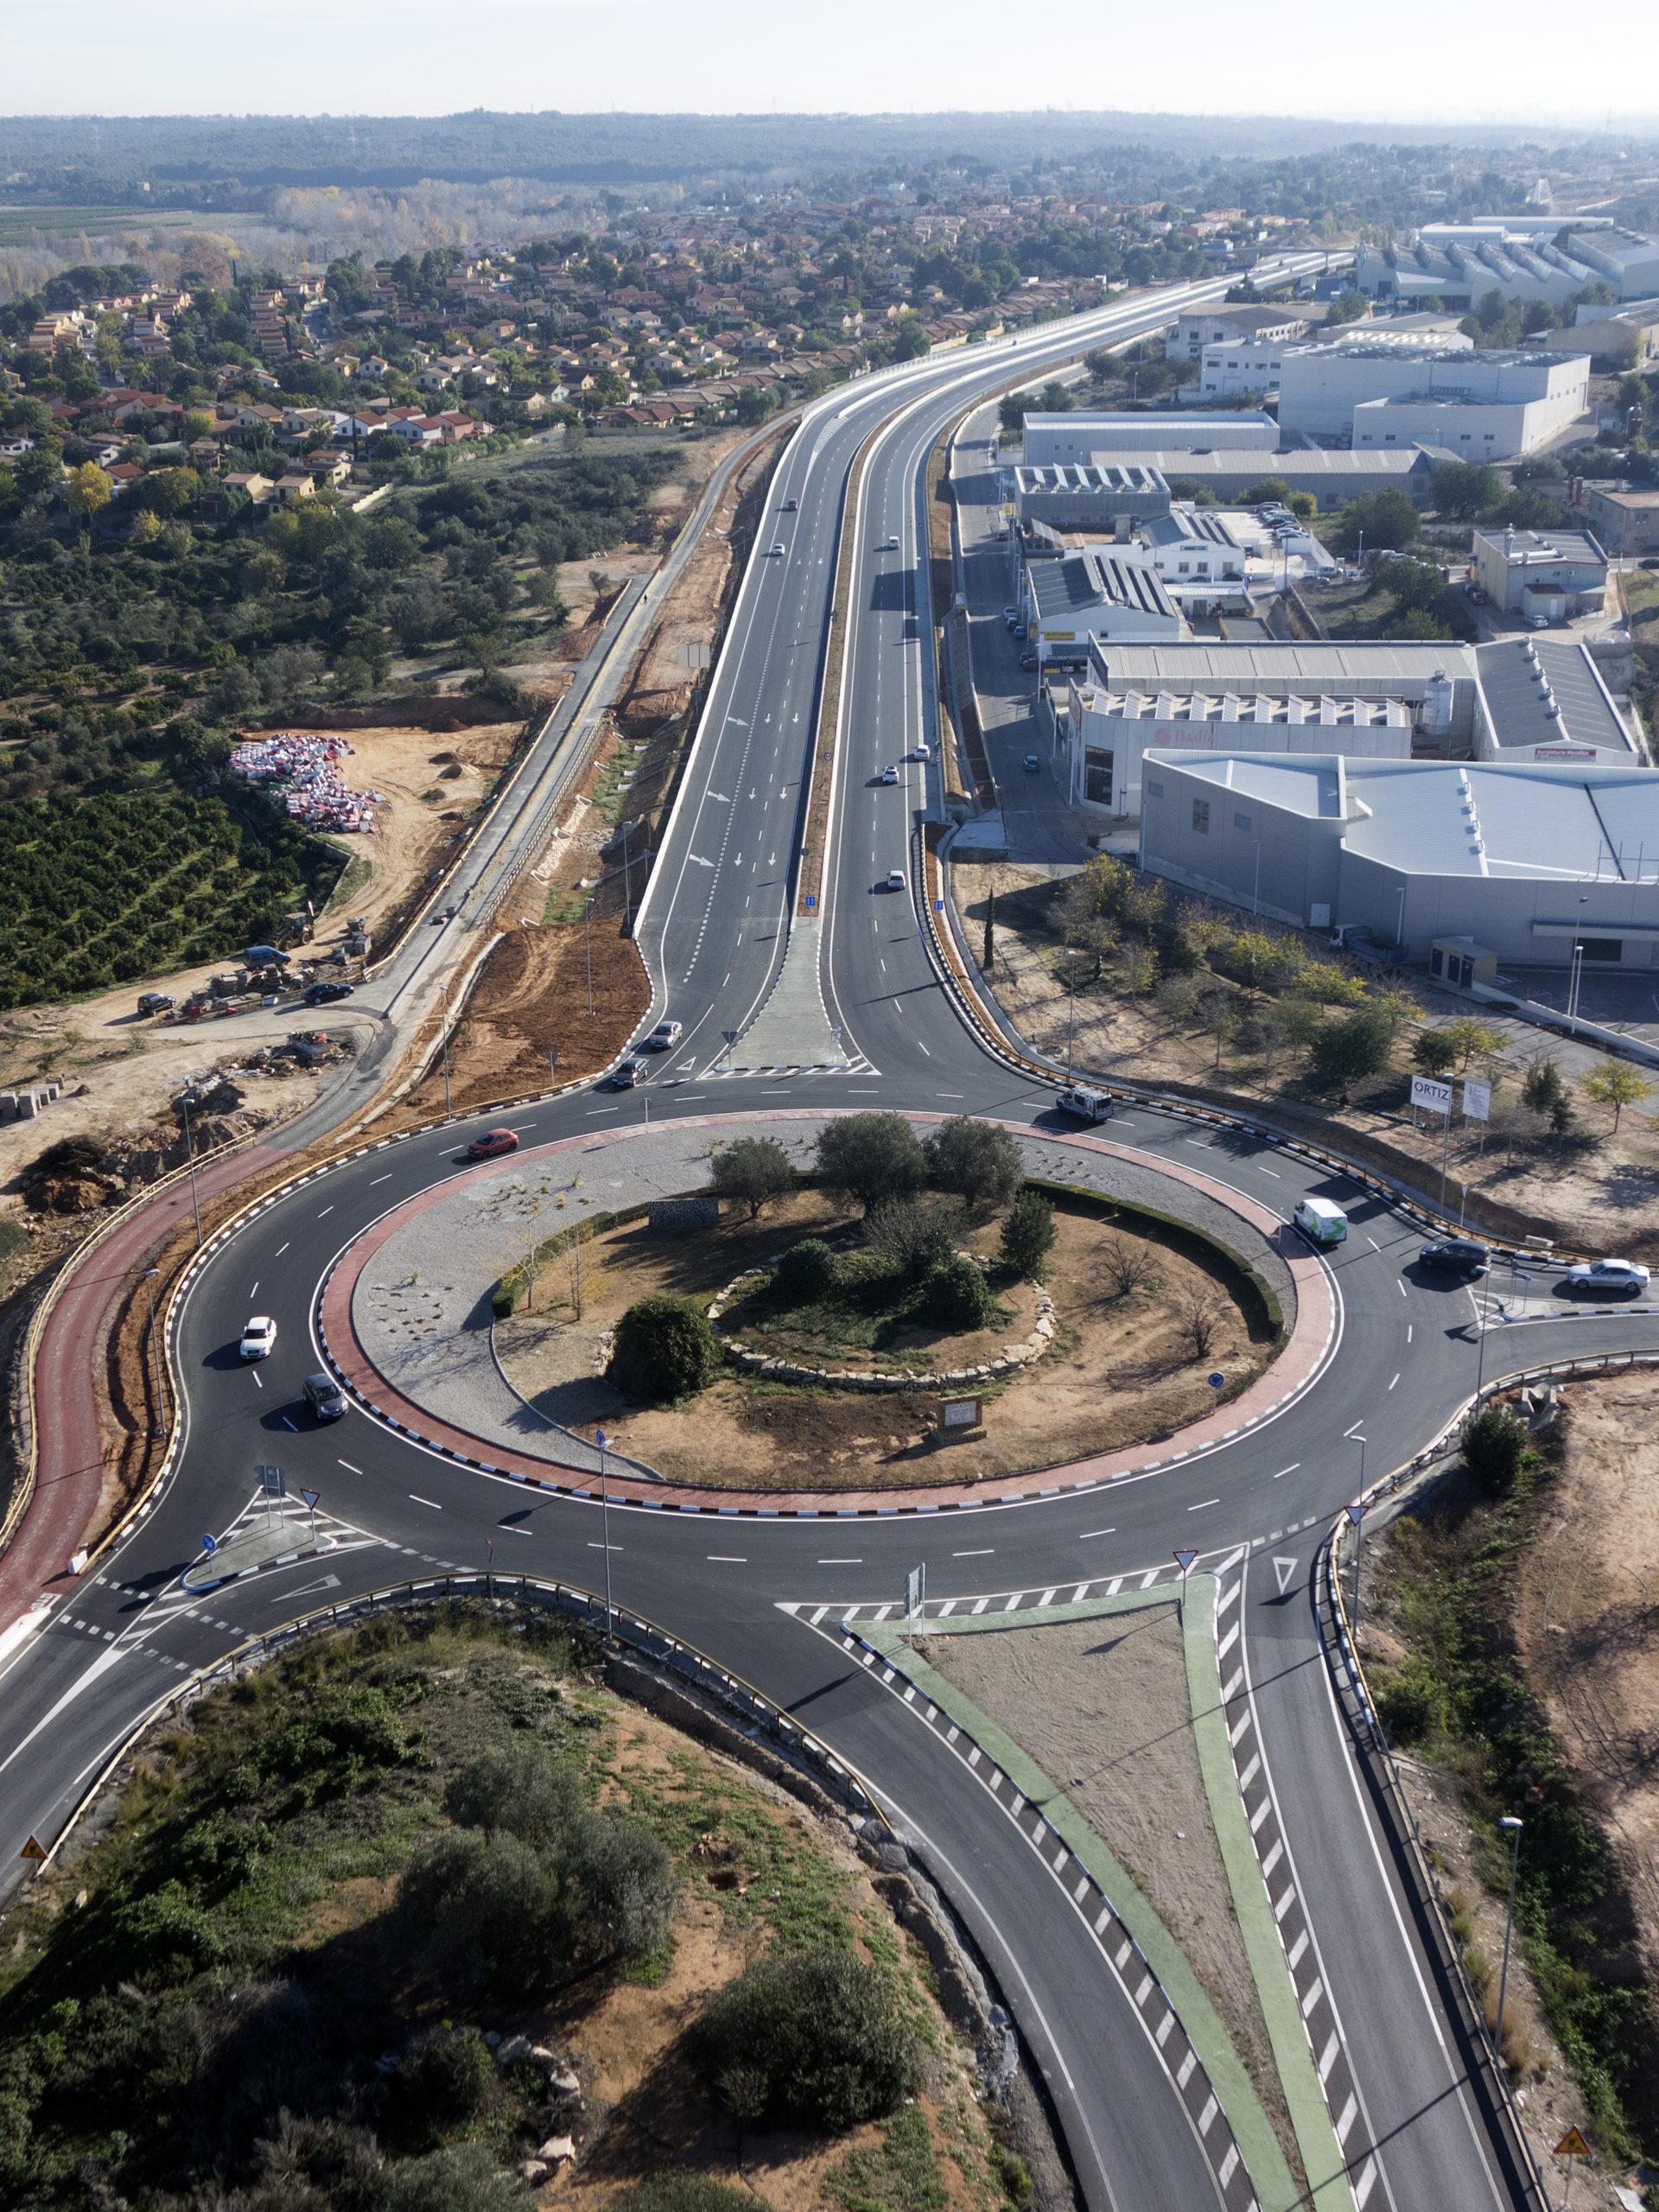 http://urbinsa.com/wp-content/uploads/2021/02/Via-Parque-Turia-3-scaled.jpg